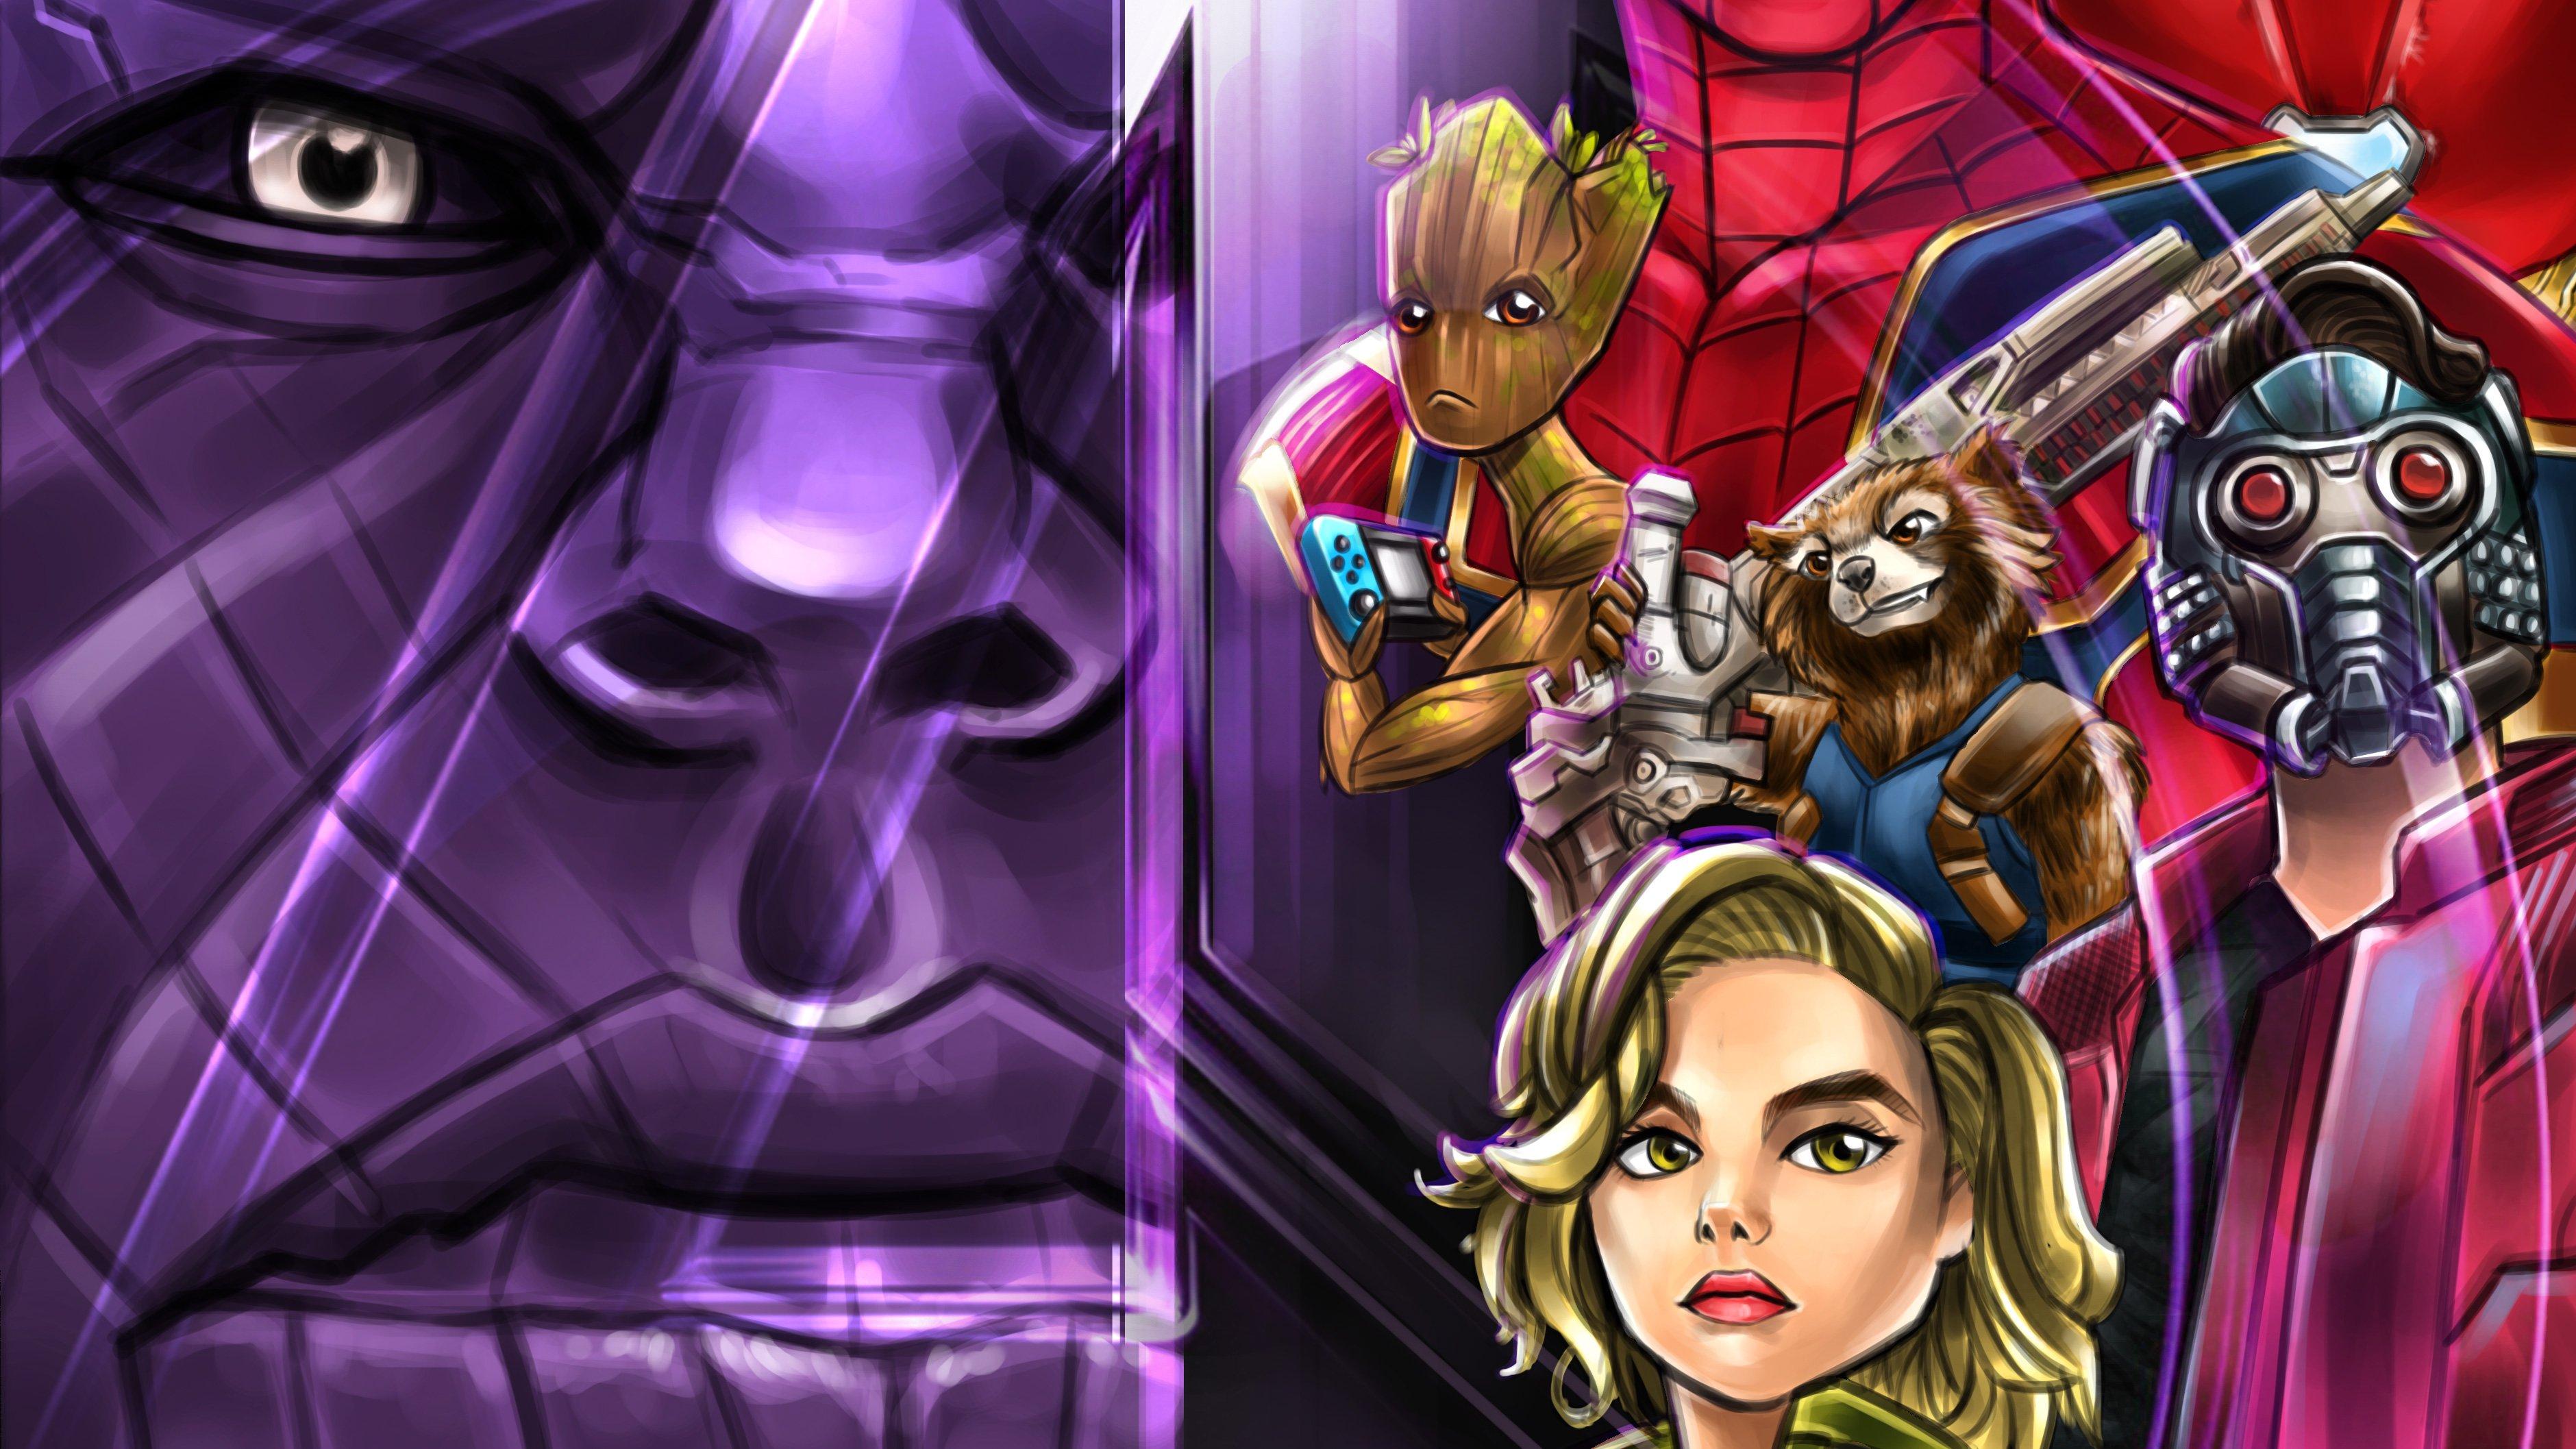 Fondos de pantalla Artwork de personajes de Guardianes de la Galaxia en Avengers